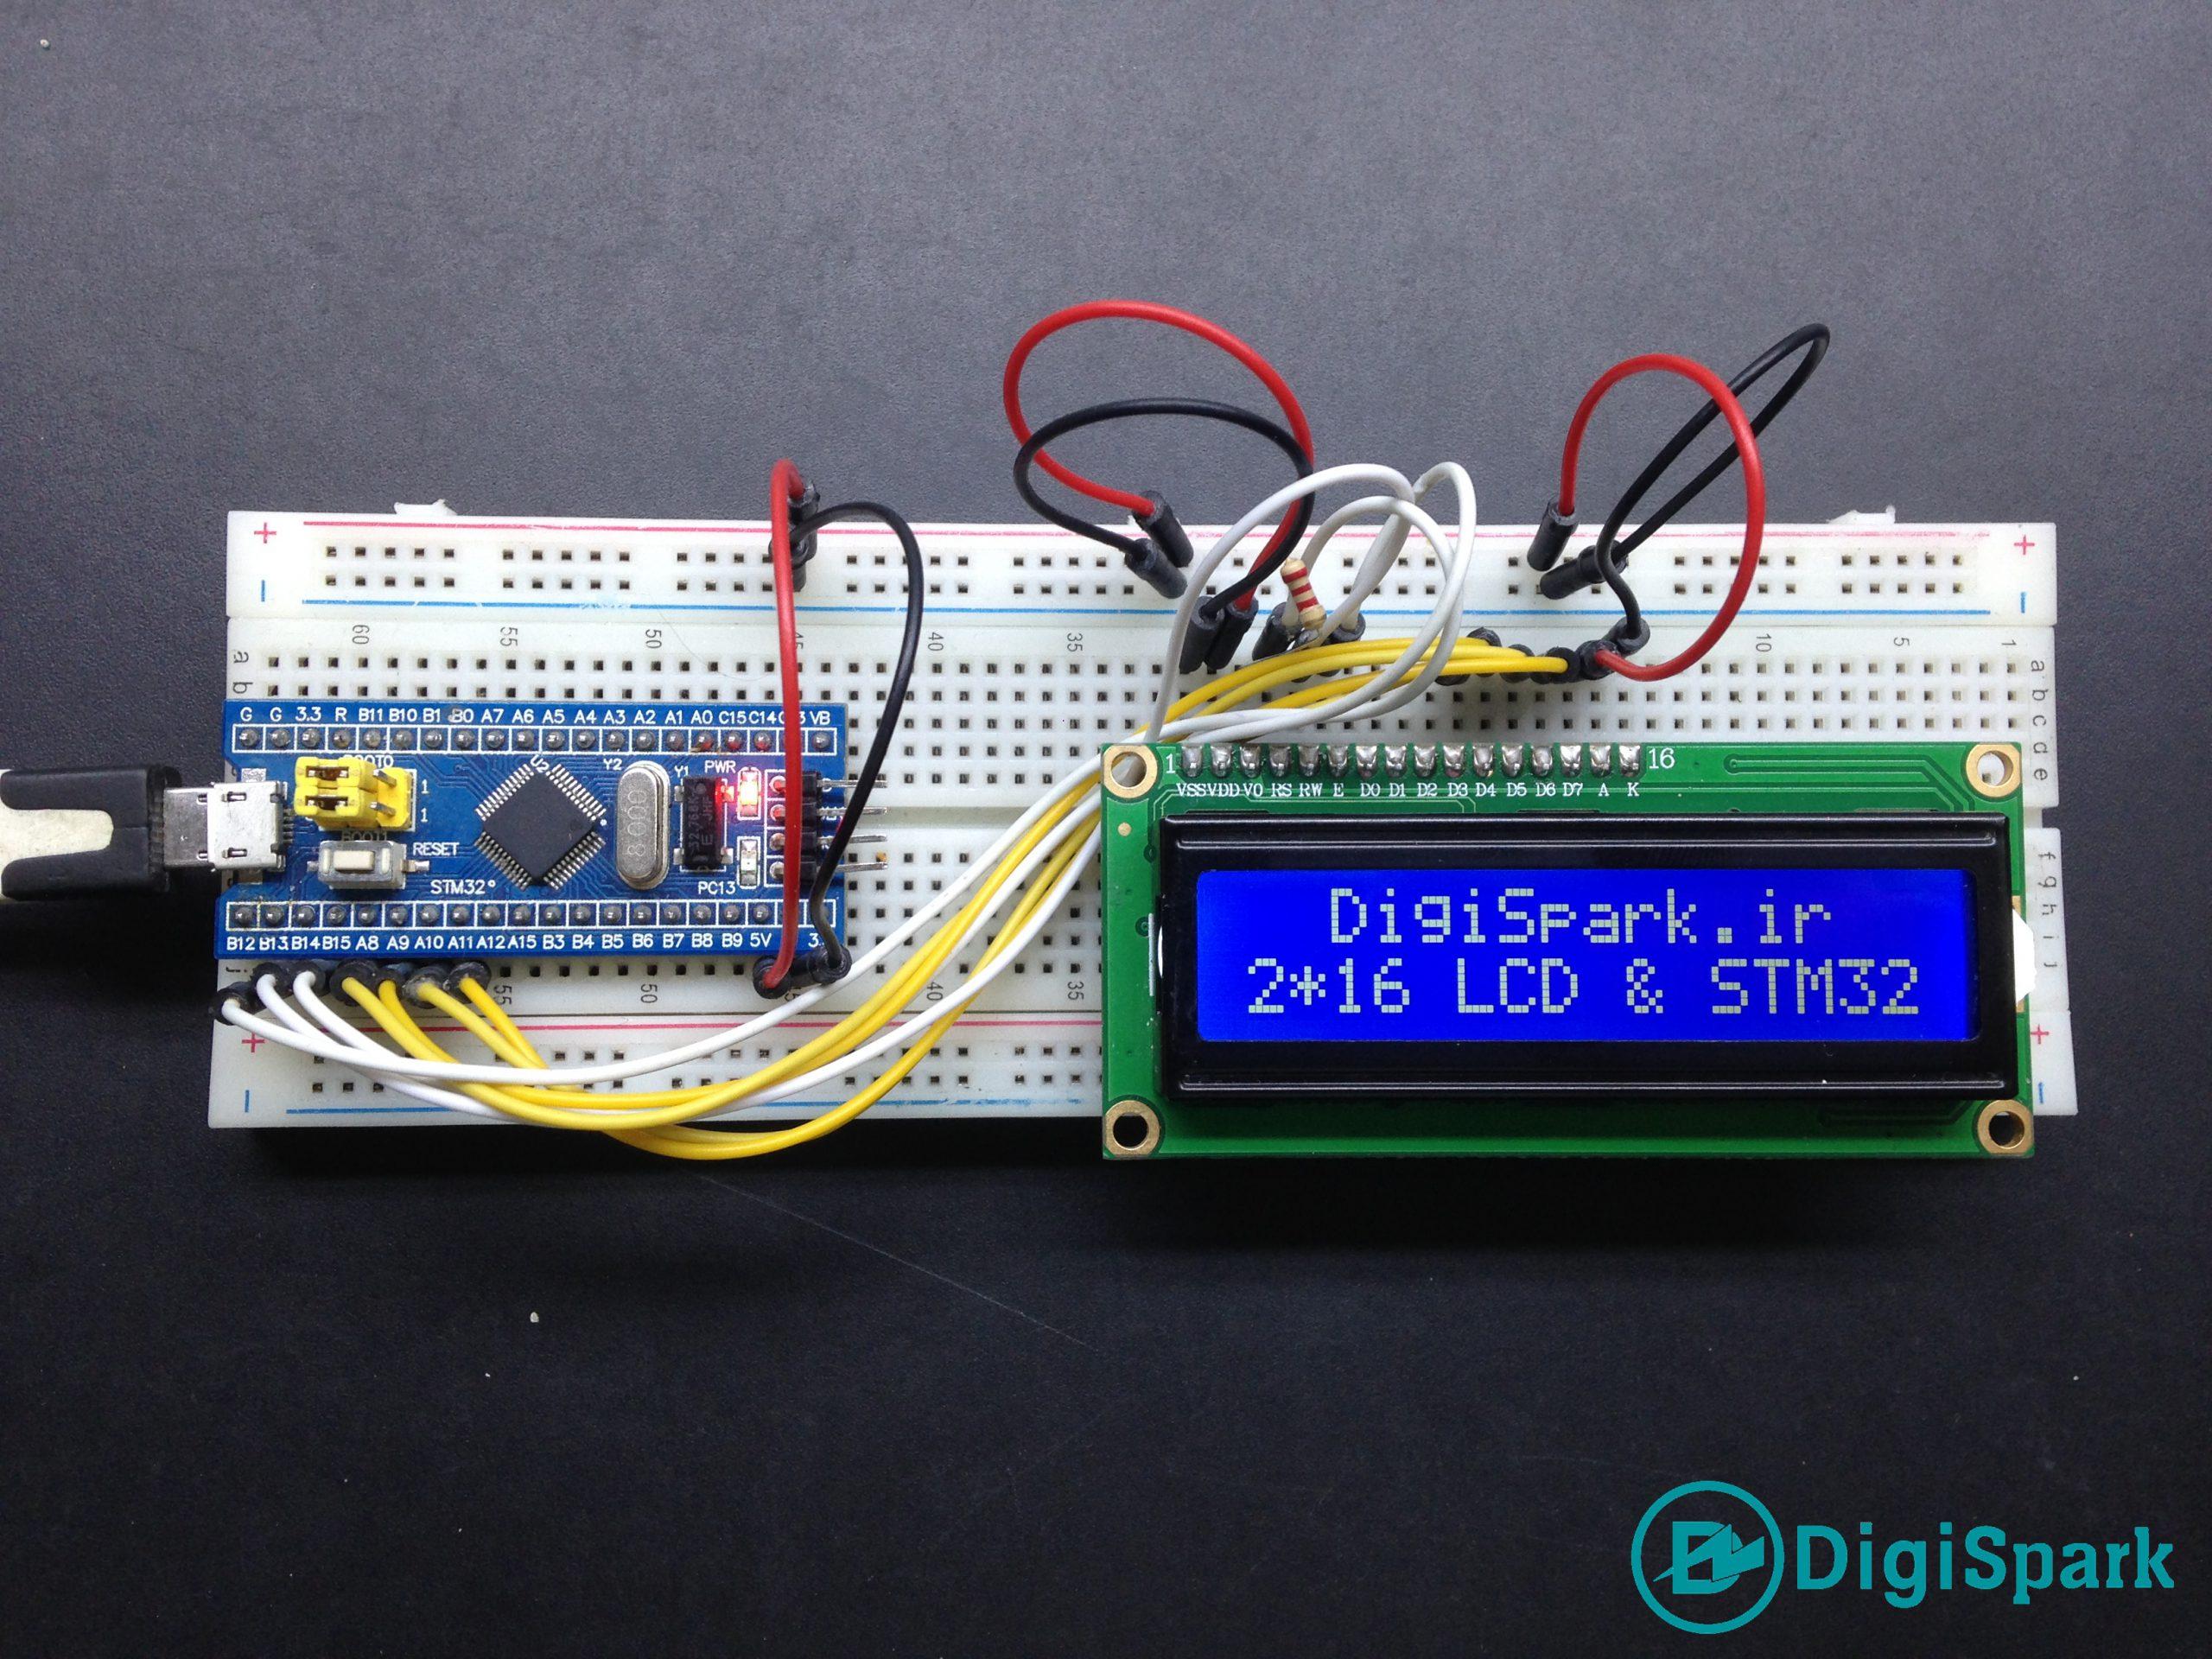 پروژه راه اندازی ال سی دی کاراکتری با برد STM32ّ103C8T6 - دیجی اسپارک